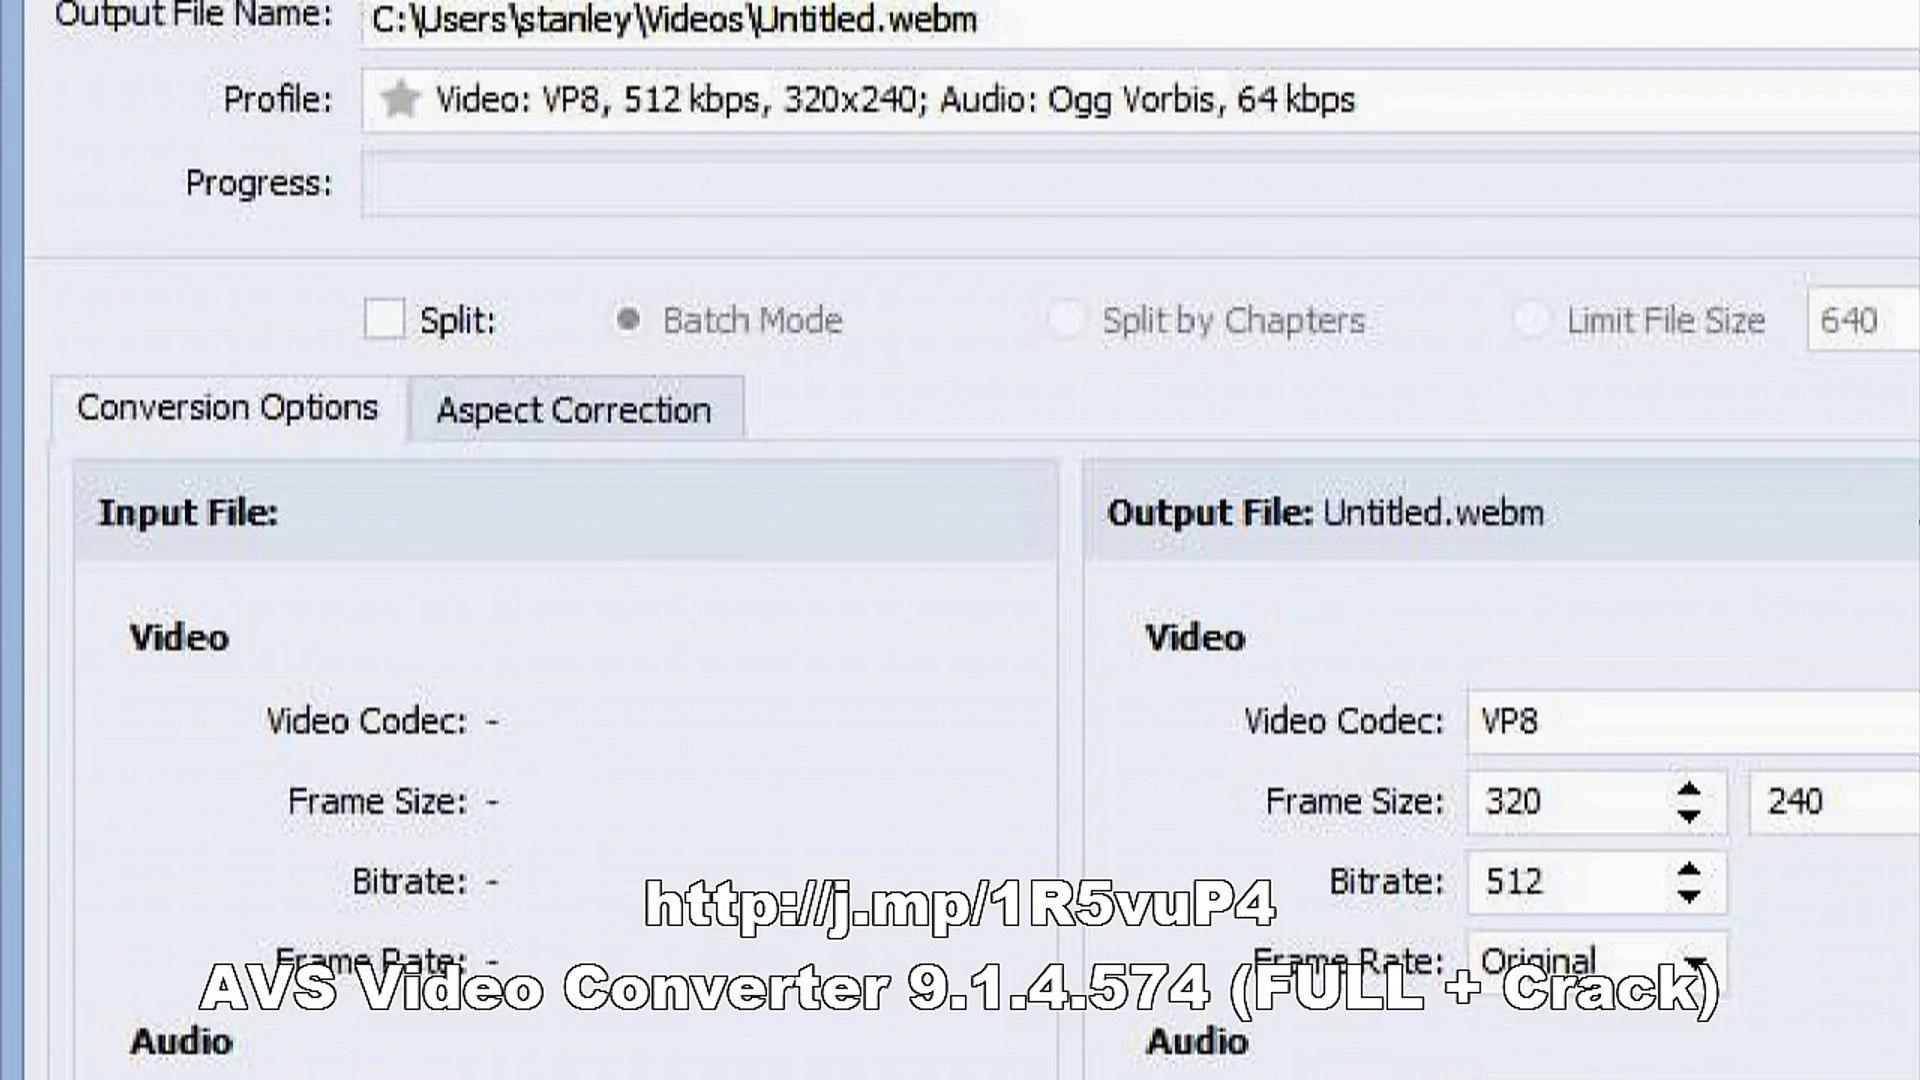 [NEW HOT] AVS Video Converter 9 1 4 574 (FULL + Crack)